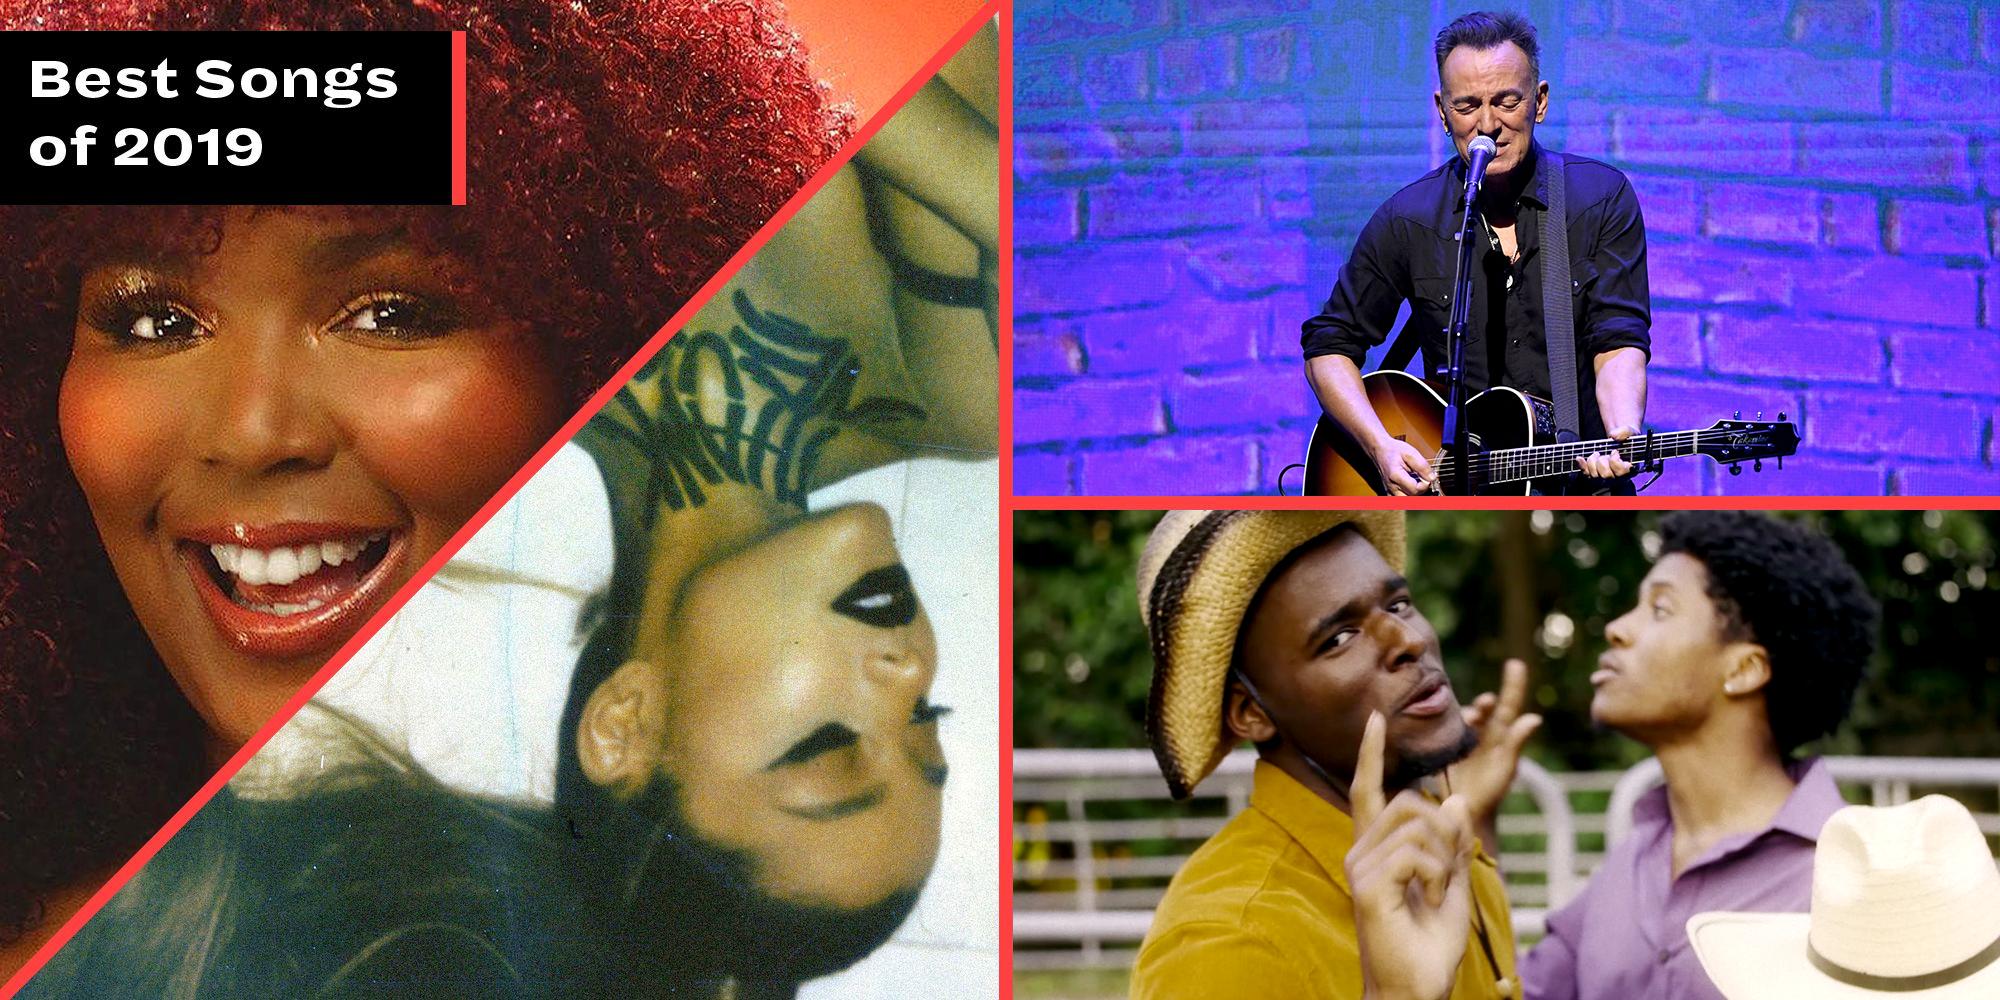 30 Best Songs of 2019.